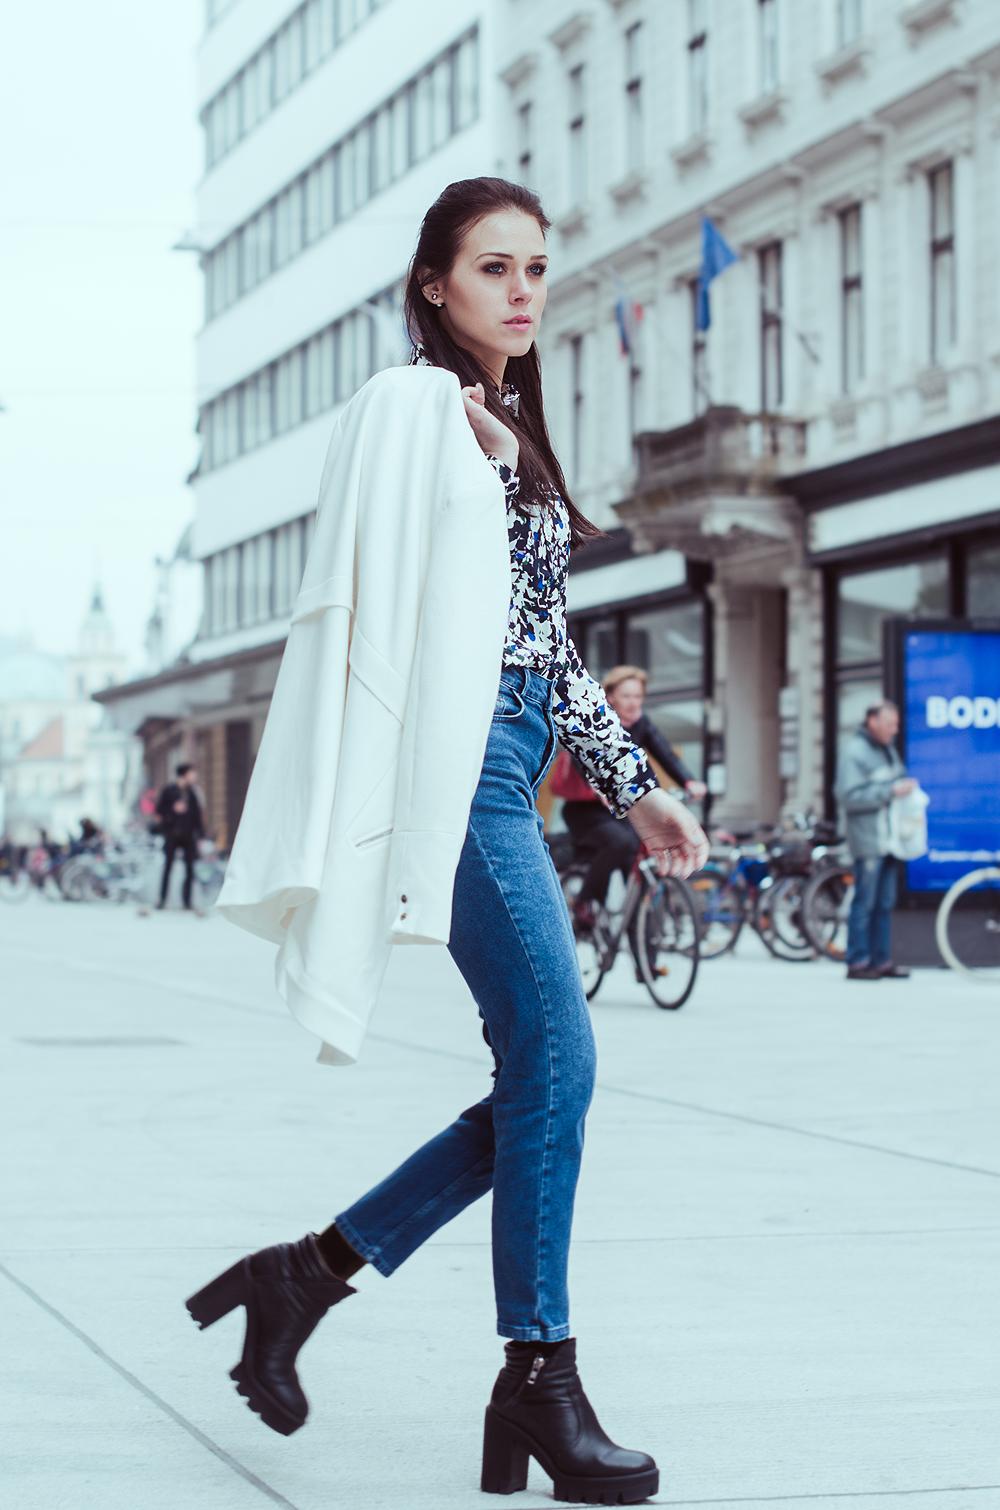 Eva Ahačevčič_Love, Eva_Banana Republic_Mom's jeans_OOTD 4